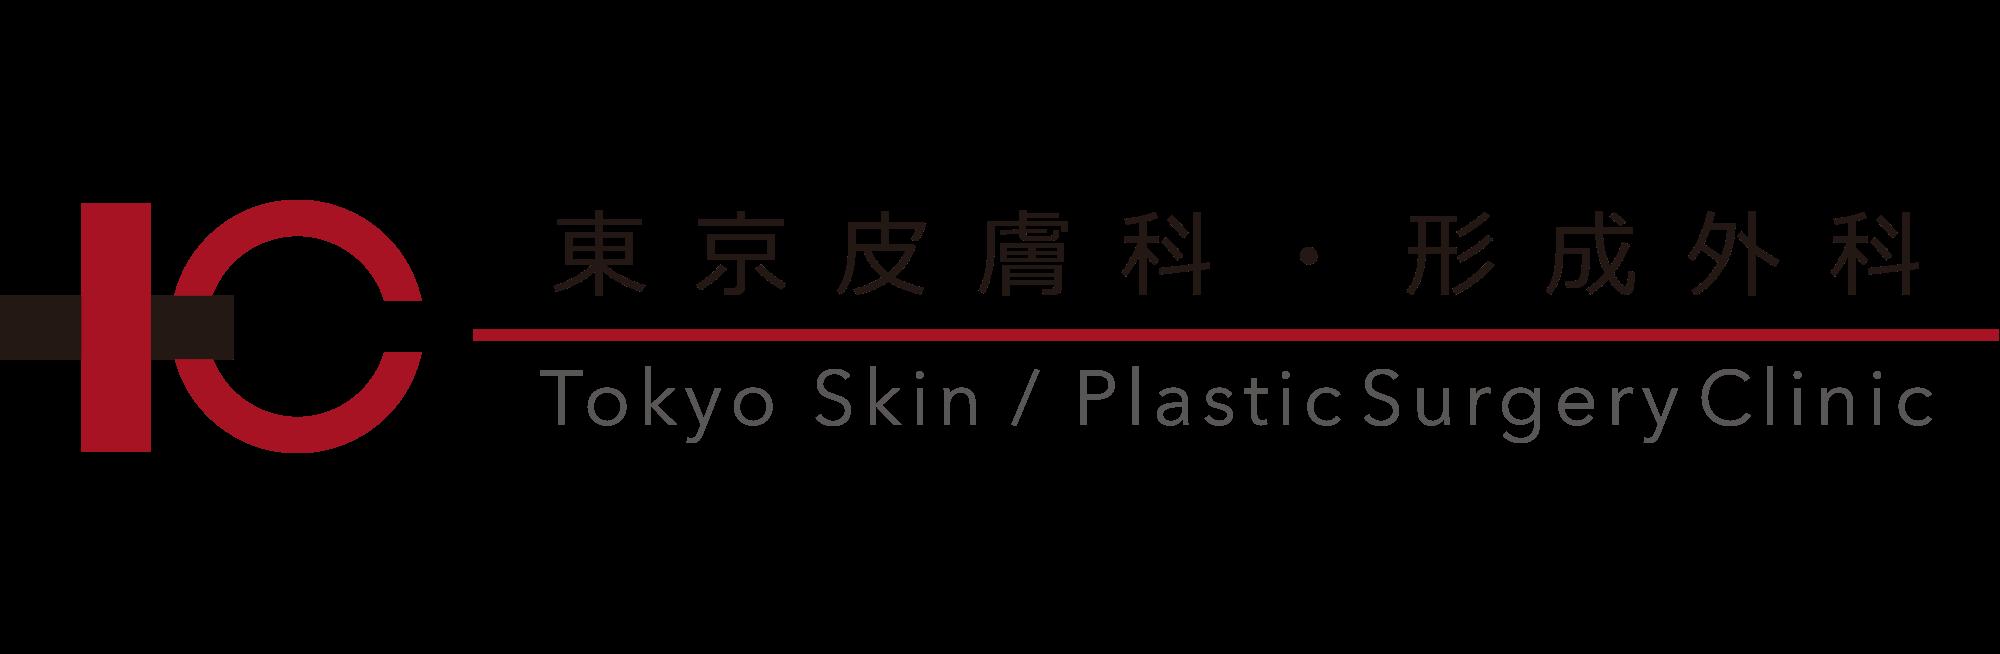 東京皮膚科・形成外科 入谷 英里ブログ